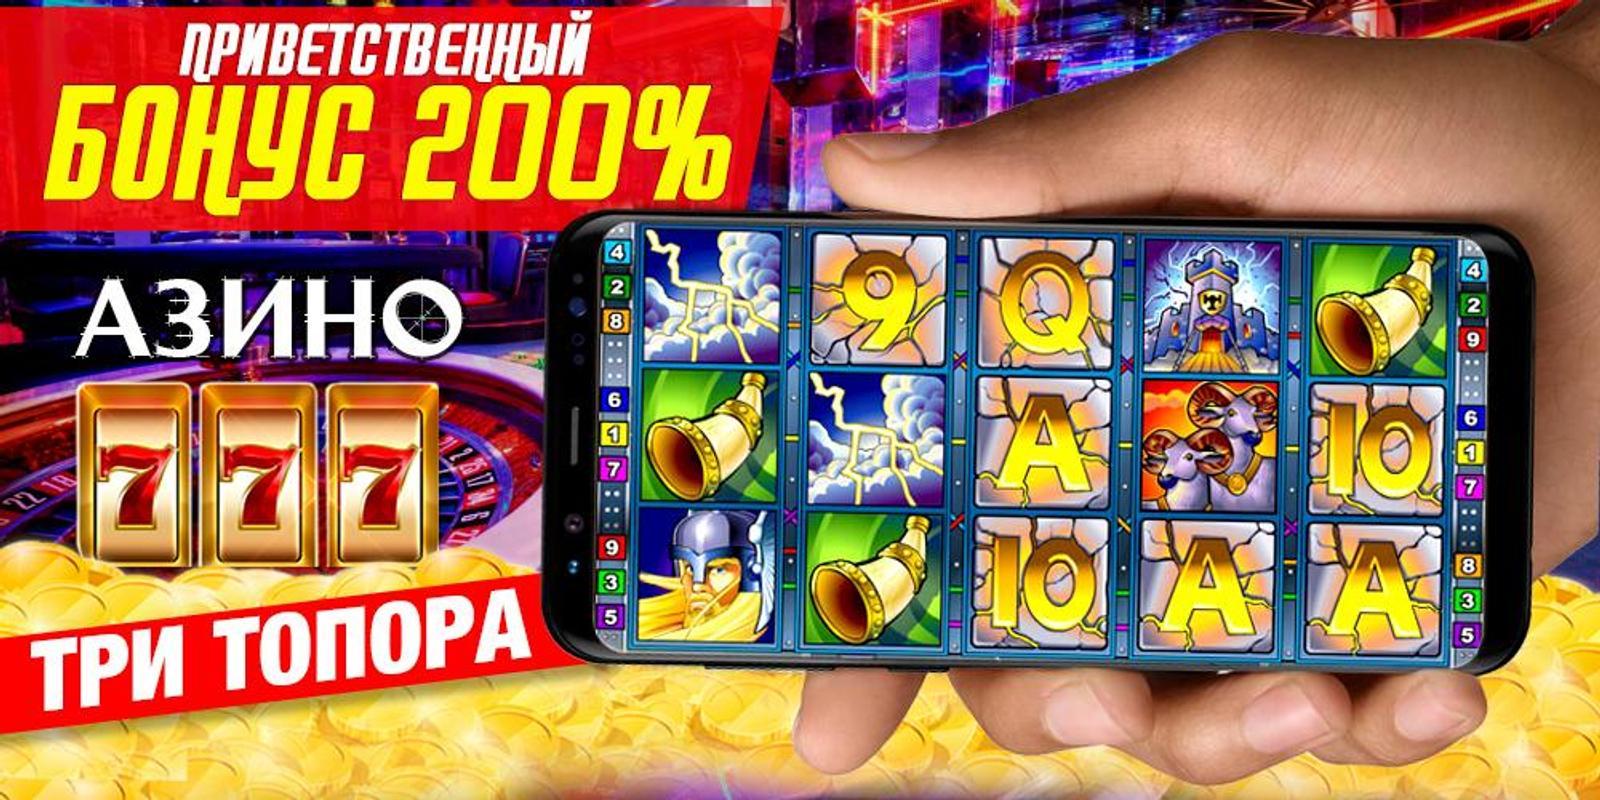 Игровые автоматы онлайн бесплатно - азартные игры без.